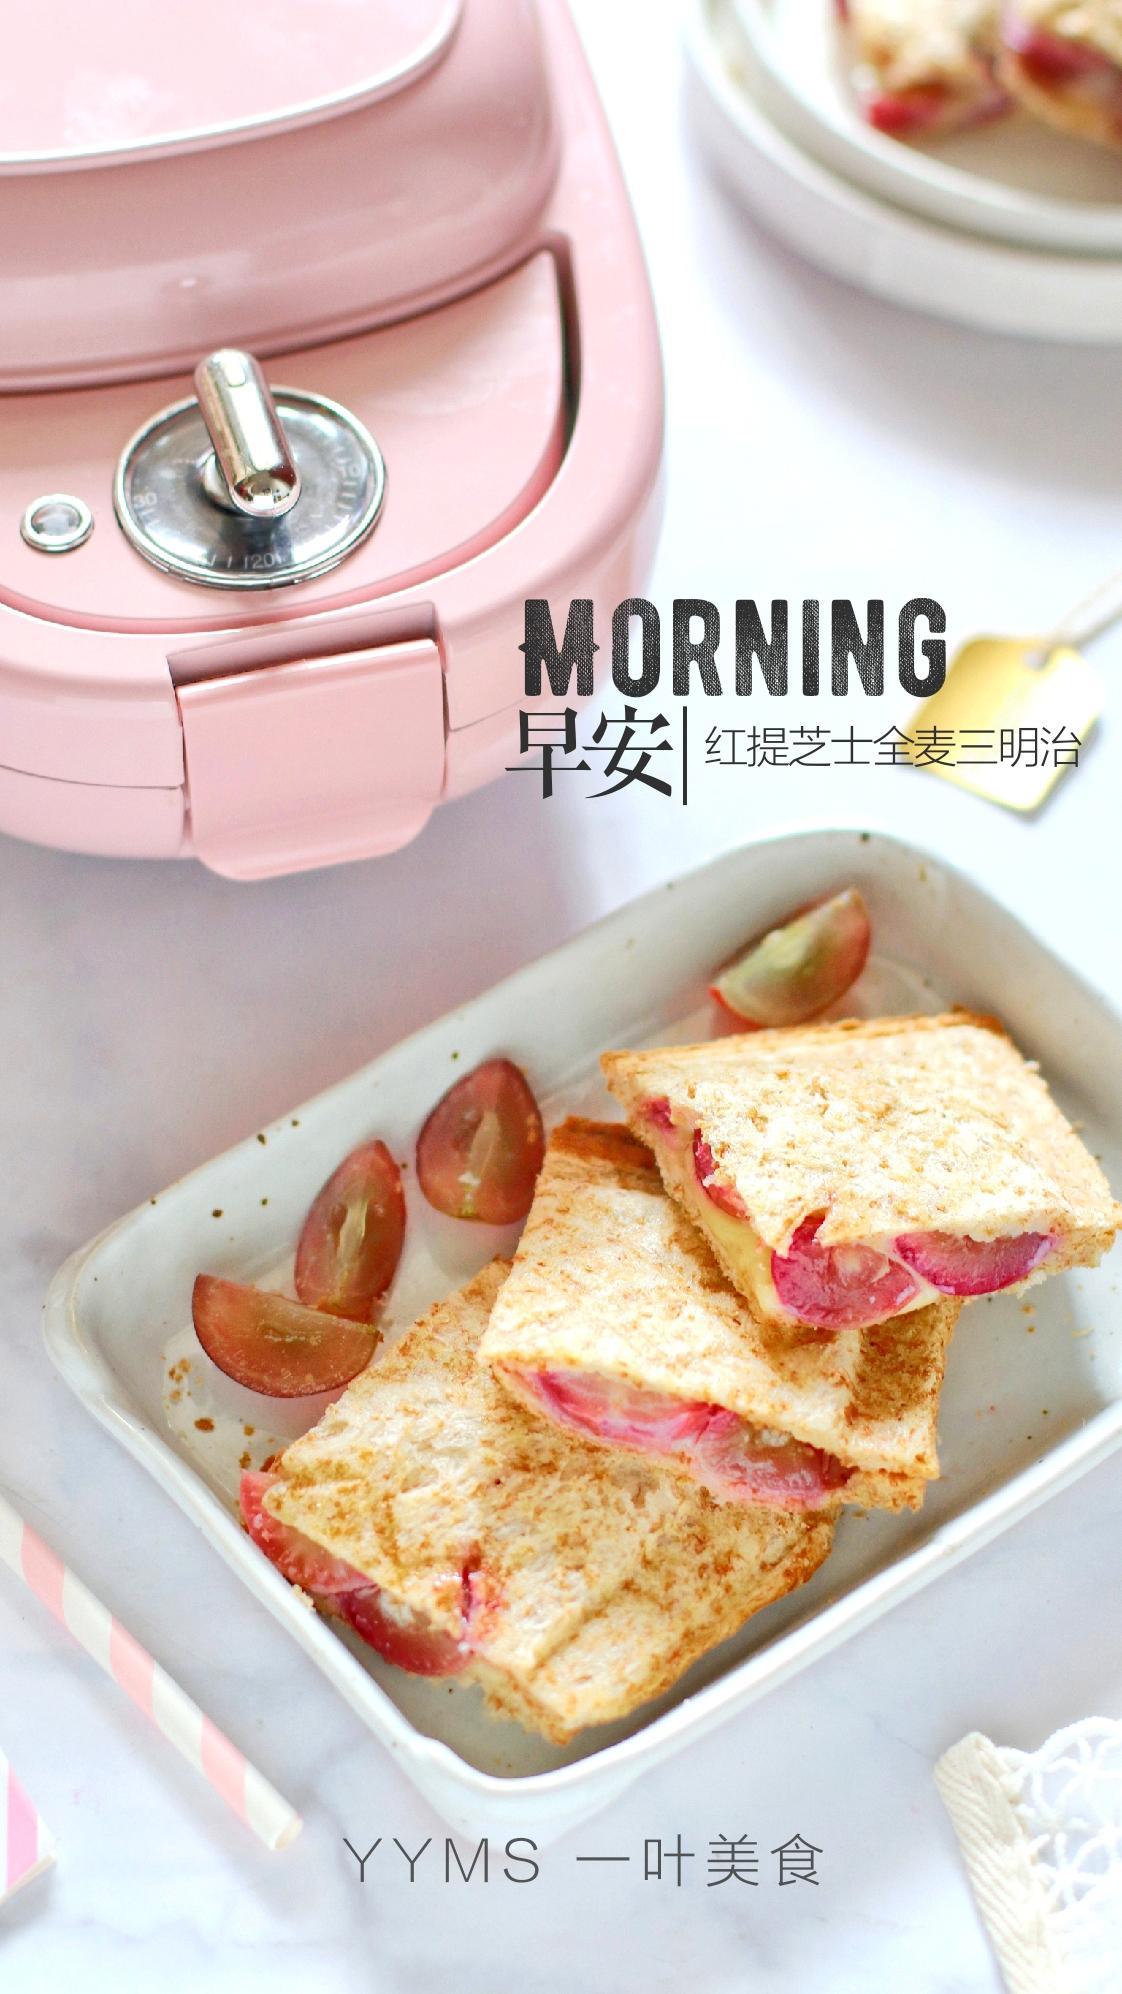 早餐只需5分钟,孩子都不懒床了,酥香迷人,做法很简单